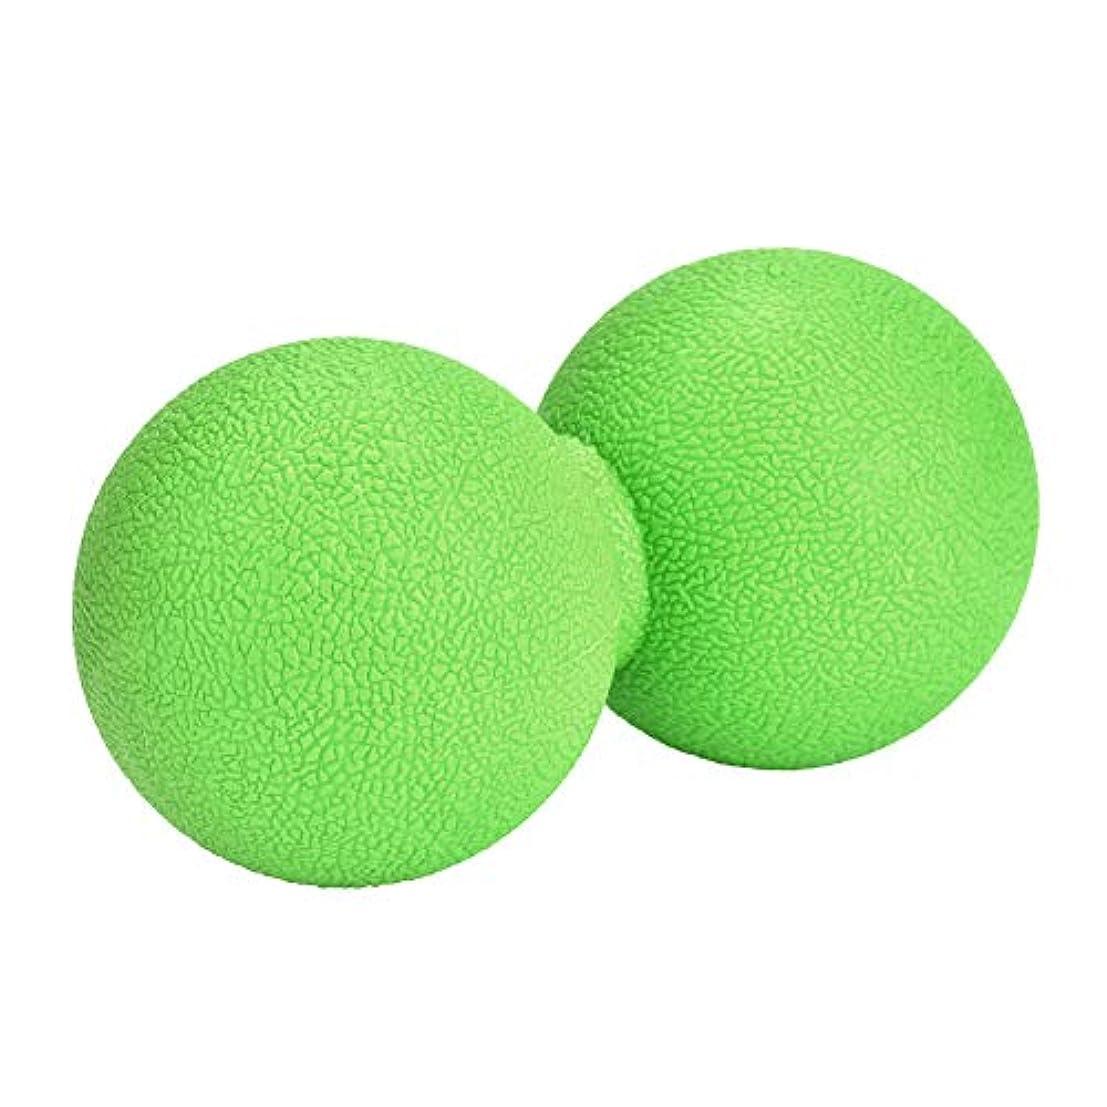 蒸し器いいね労働者マッサージボール ストレッチボール ピーナッツ型 ヨガボール 首 背中 肩こり 腰 ふくらはぎ 足裏 筋膜リリース トレーニング